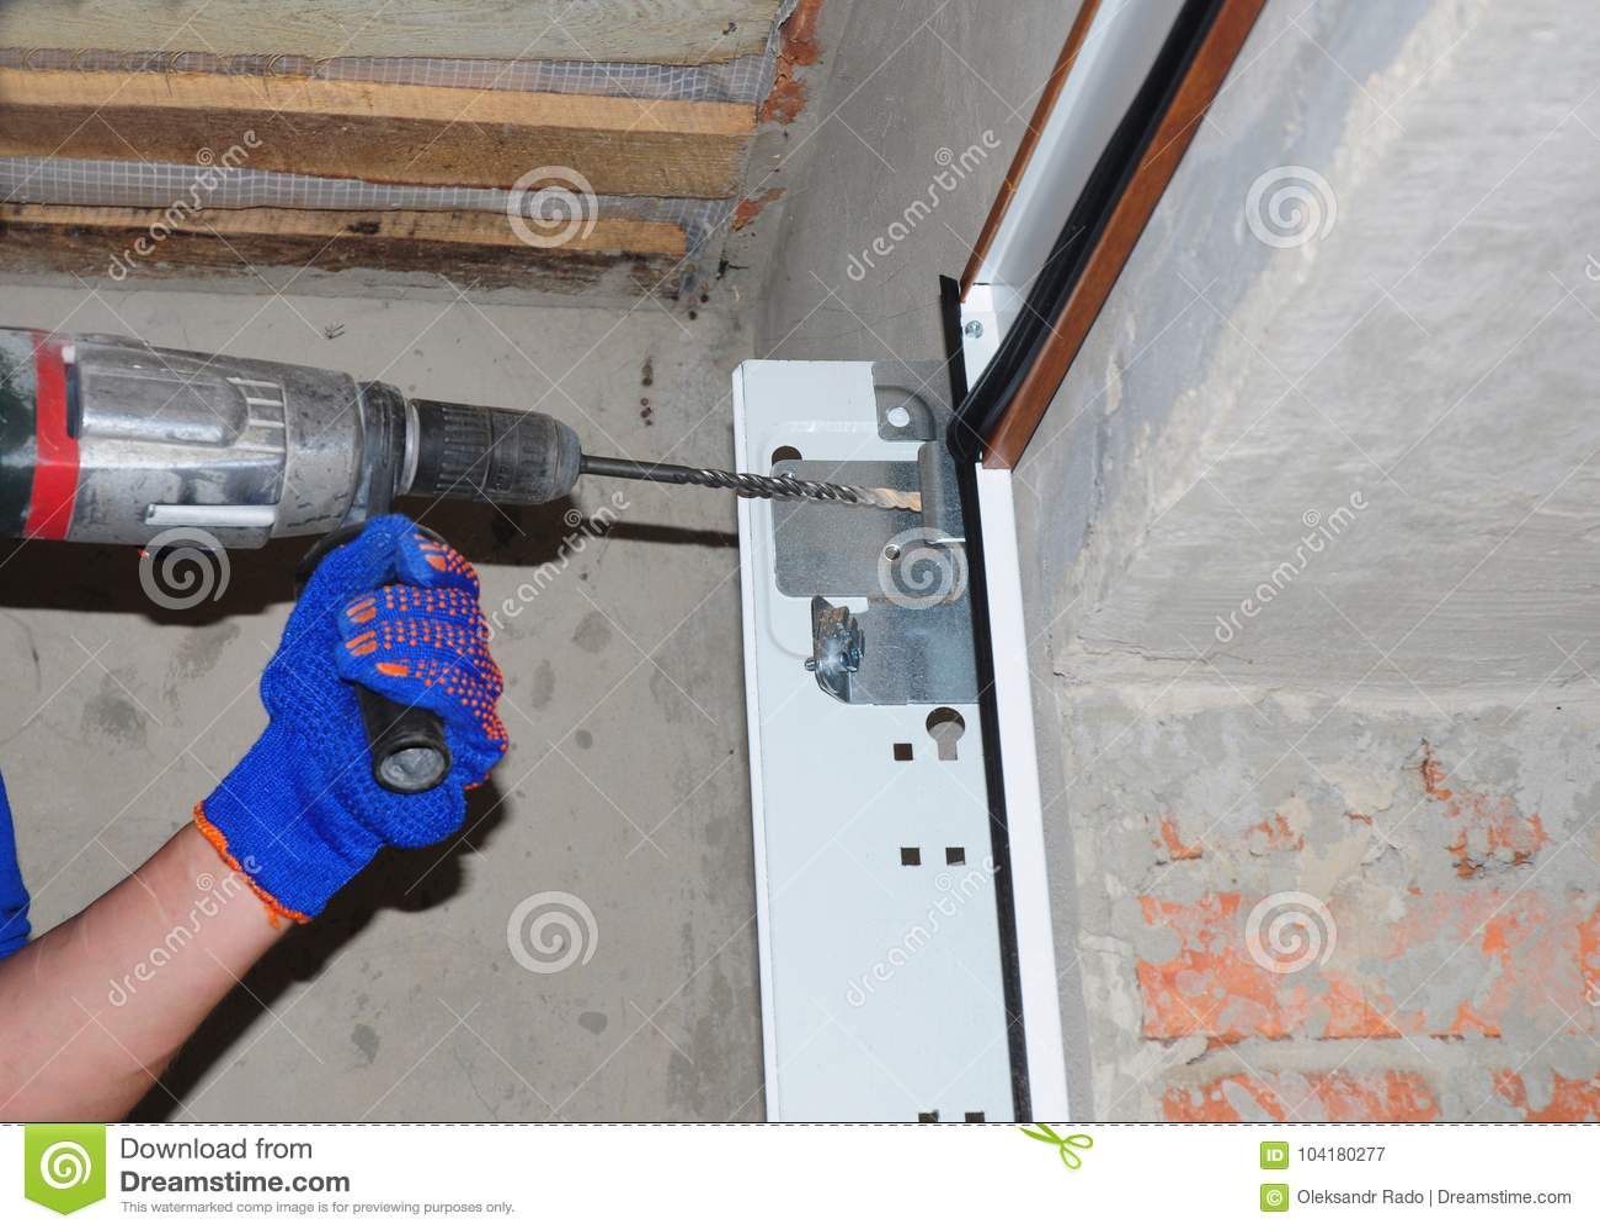 Εγκατάσταση & αντικατάσταση πορτών γκαράζ Εγκαταστήστε την πόρτα γκαράζ & την τρυπώντας με τρυπάνι τρύπα για τις ανοίξεις πορτών